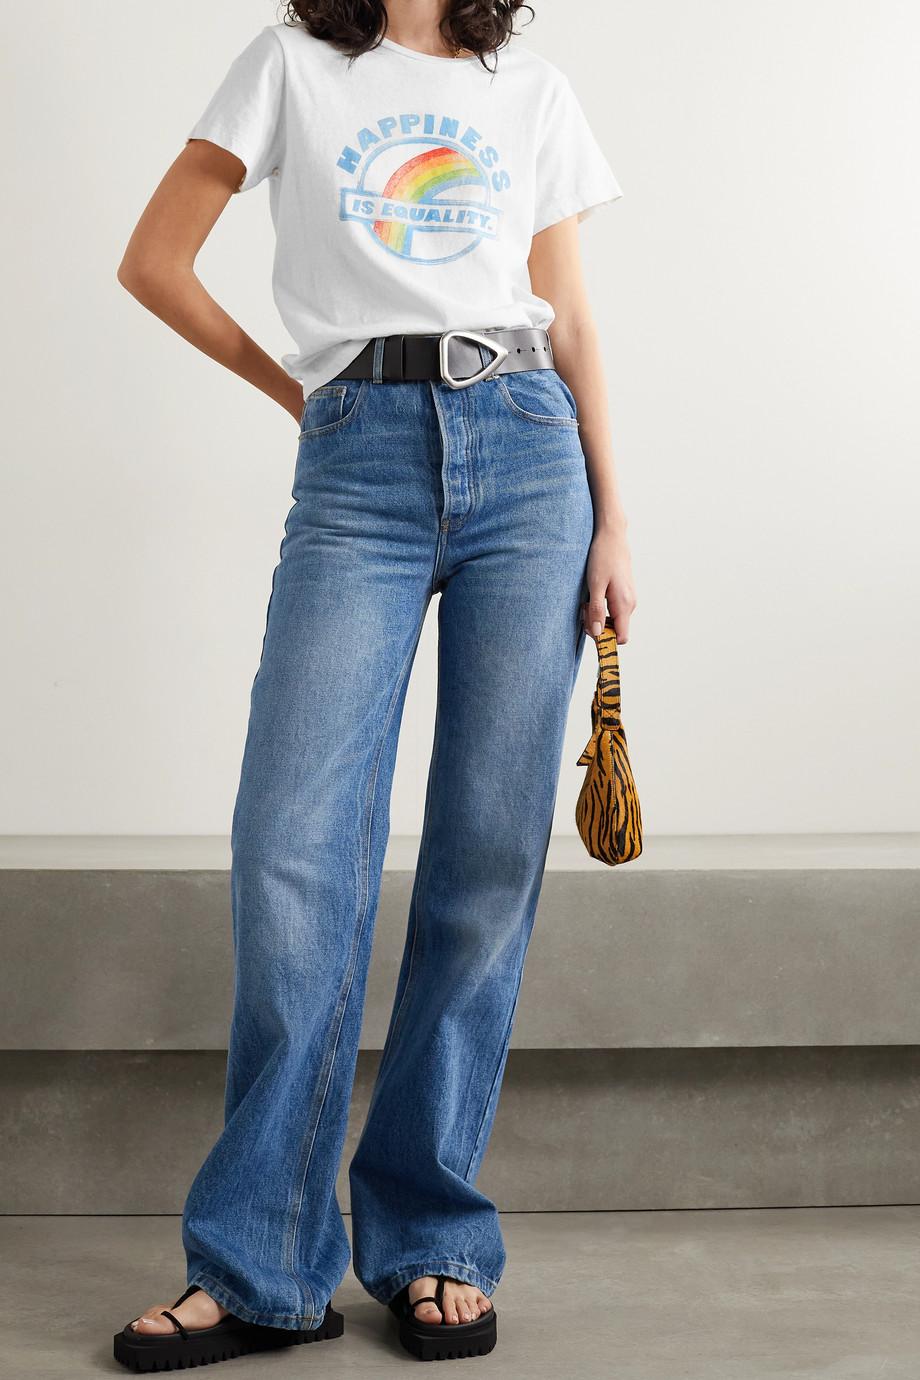 RE/DONE + Hanes T-Shirt aus Baumwoll-Jersey mit Print